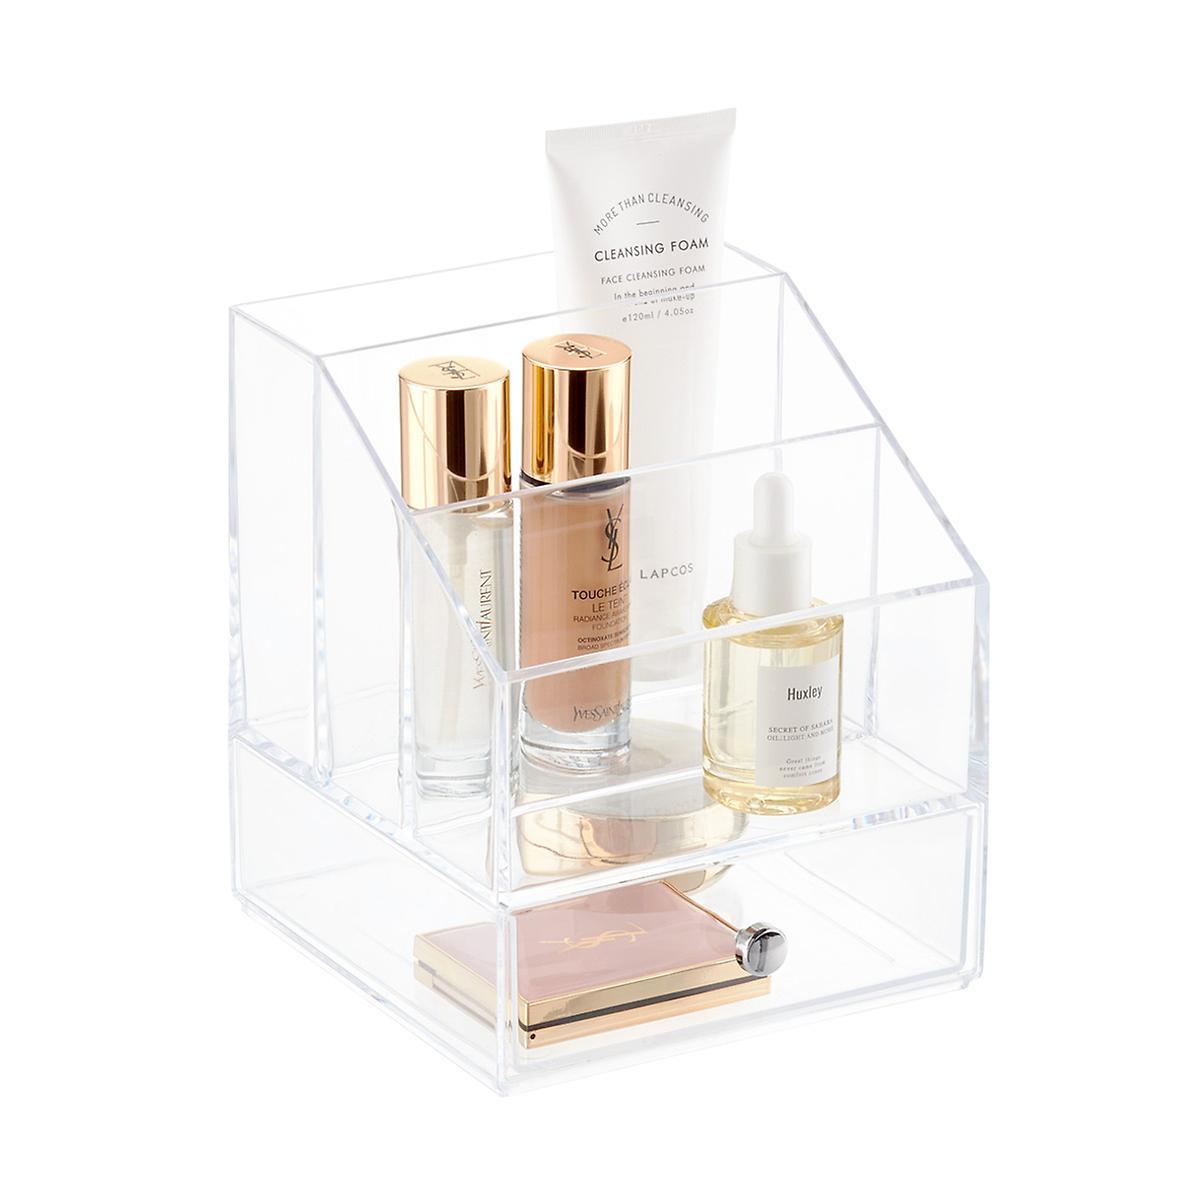 InterDesign Clarity Cosmetics & Palette Organizer with Drawer